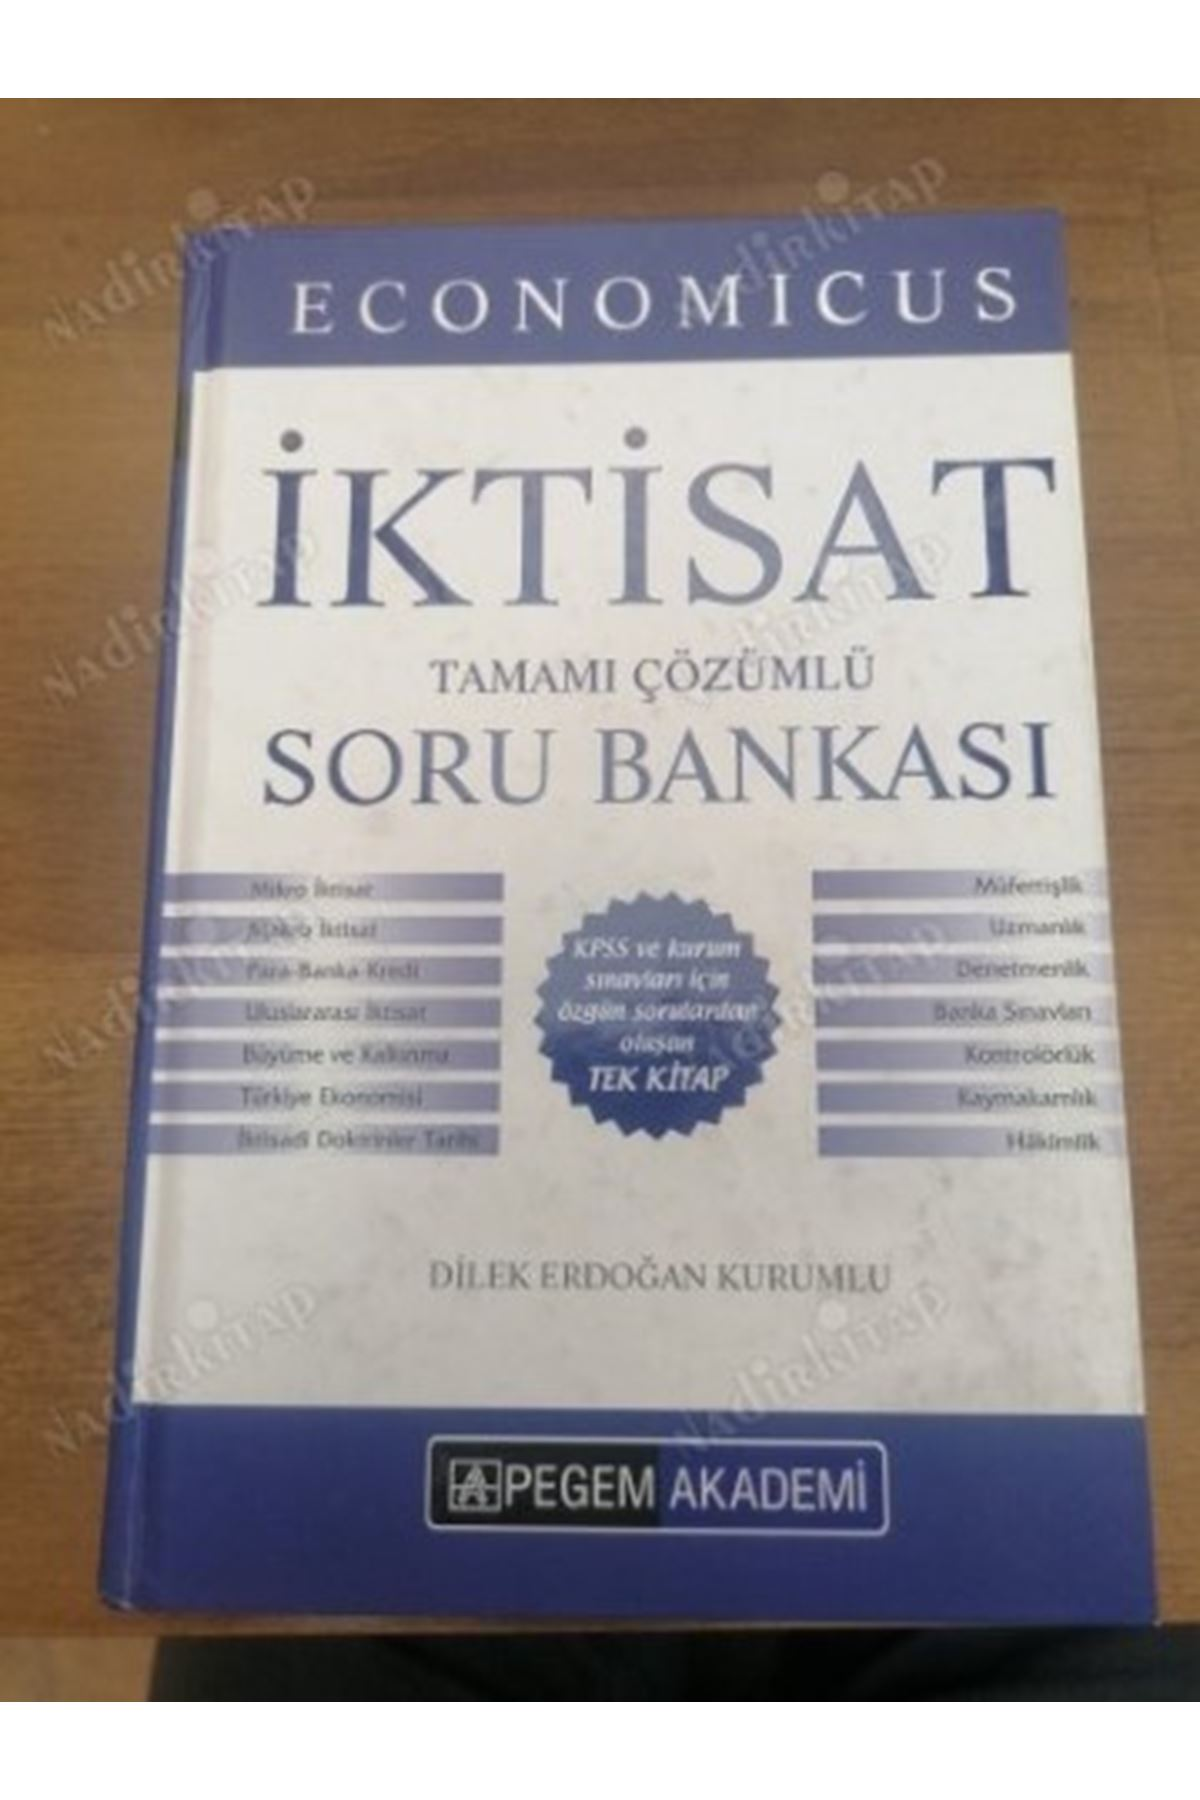 DİLEK ERDOĞAN KURUMLU - ECONOMİCUS İKTİSAT TAMAMI ÇÖZÜMLÜ SORU BANKASI